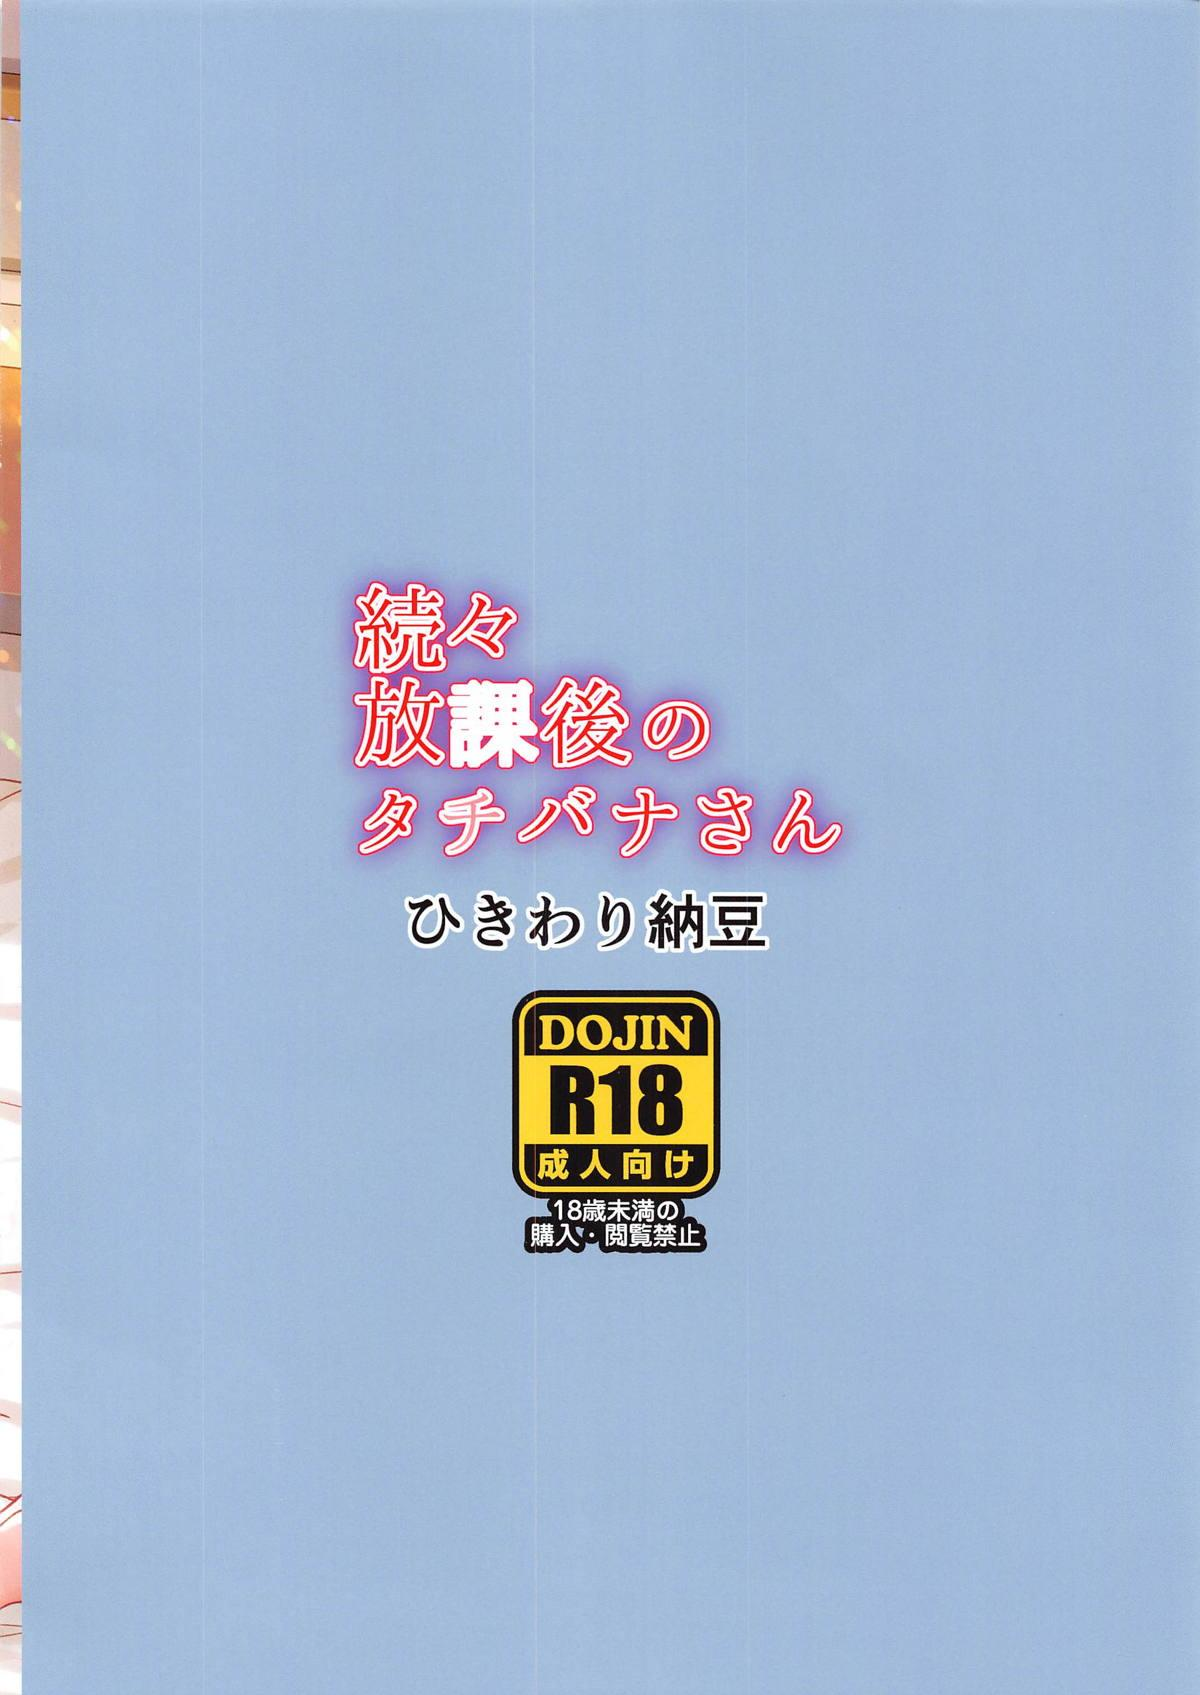 zokuzoku・hokagonotachibanasan 8